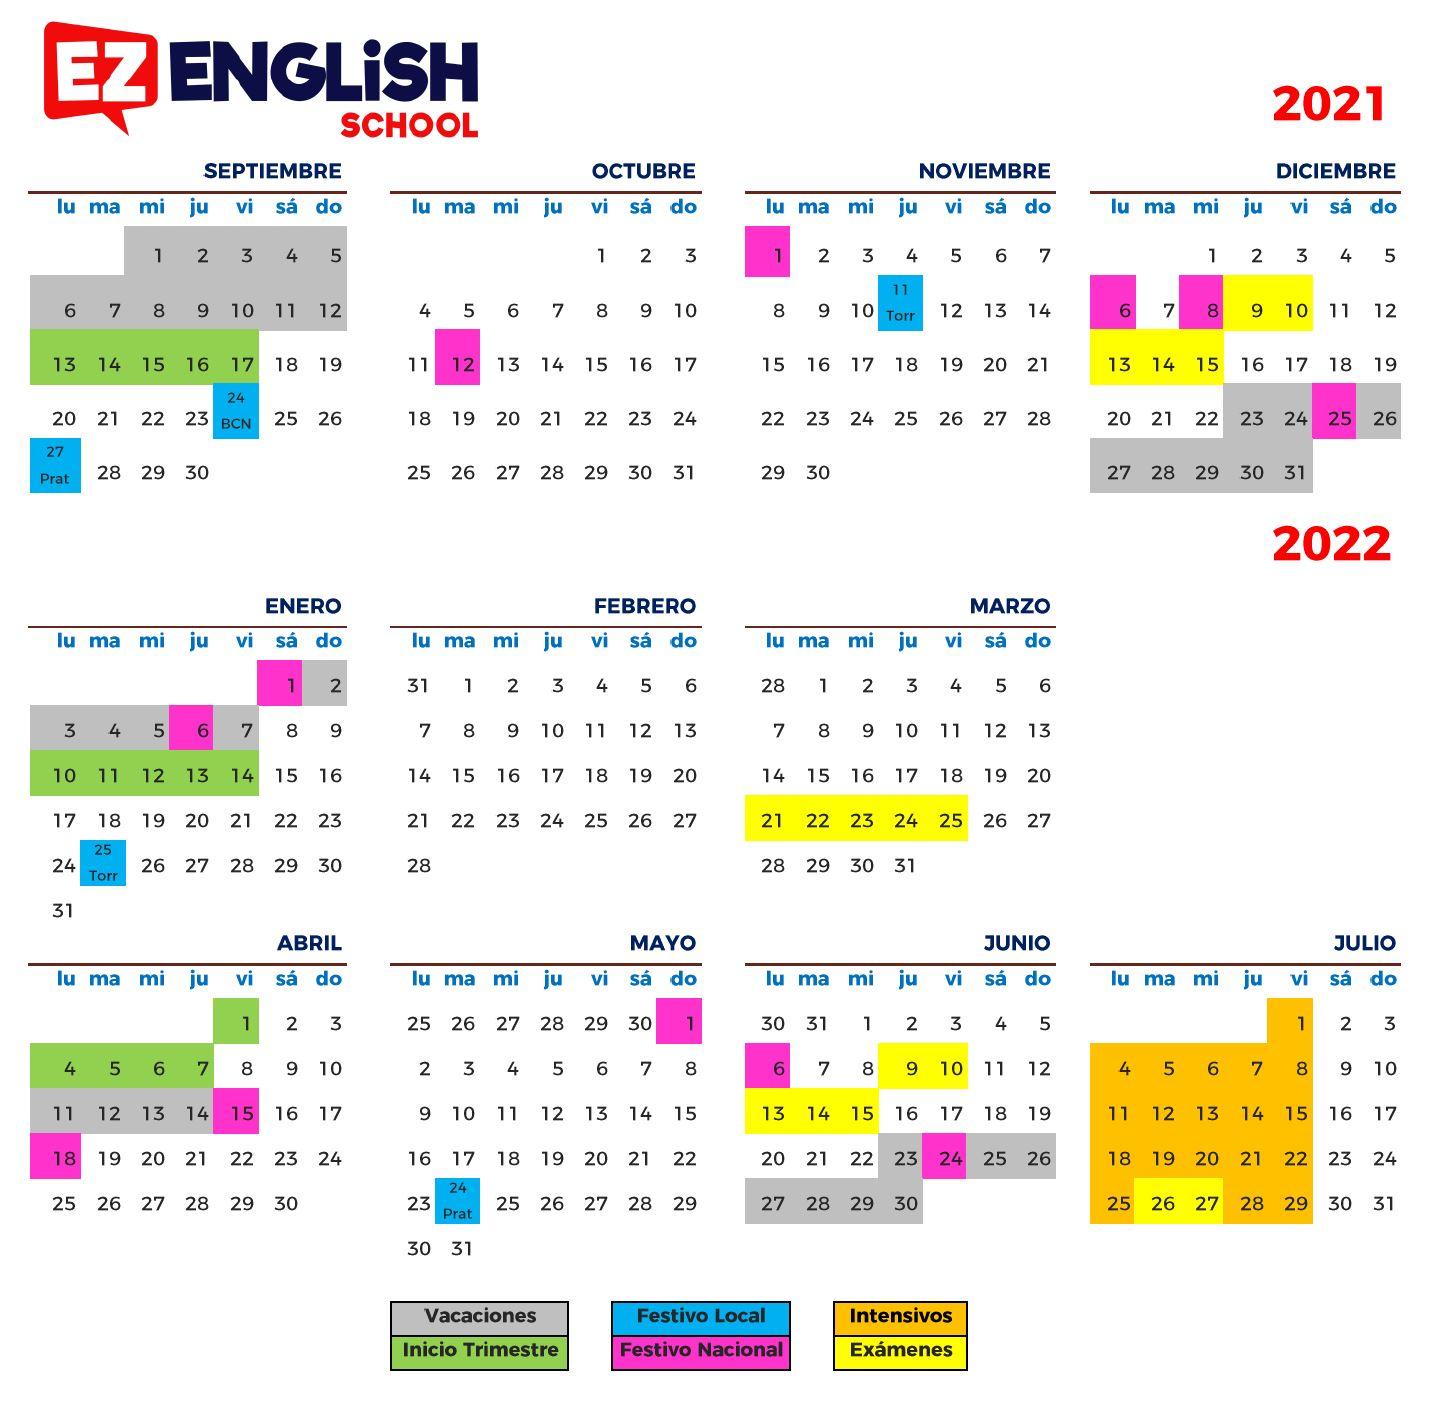 Calendario EZ English 21-22